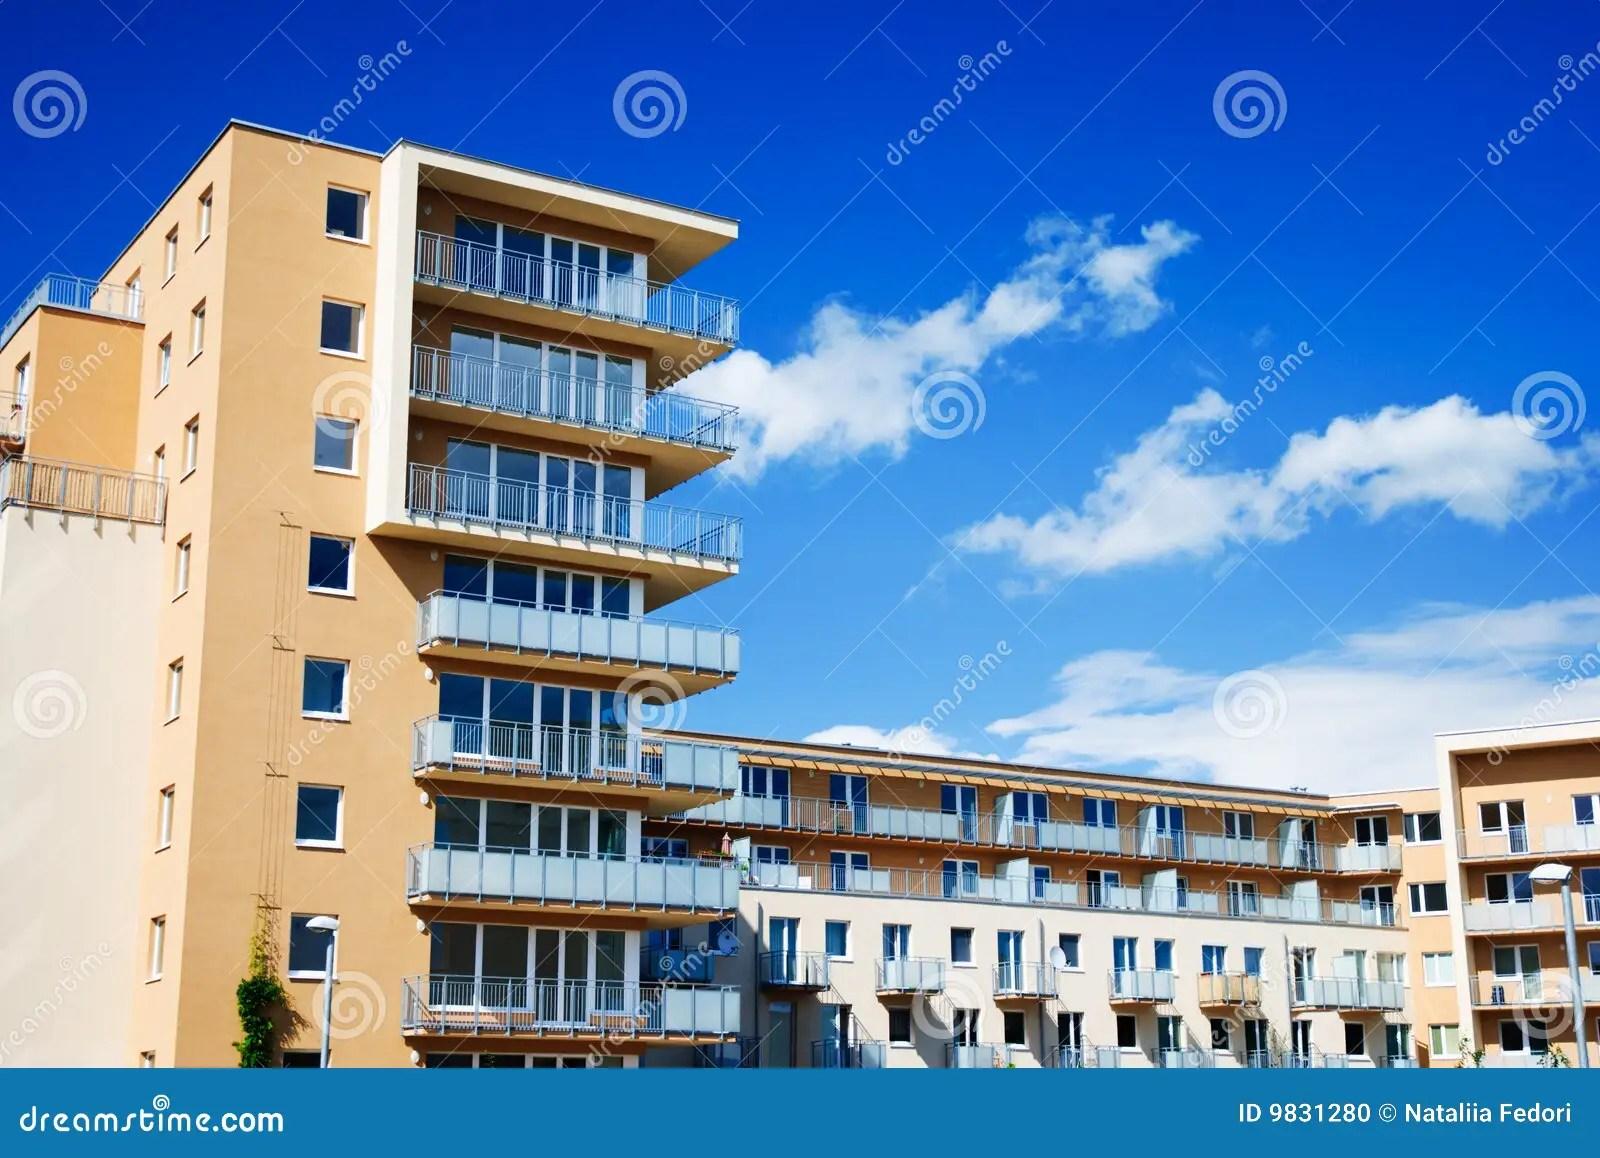 Apartamentos Modernos Foto de Stock  Imagem 9831280